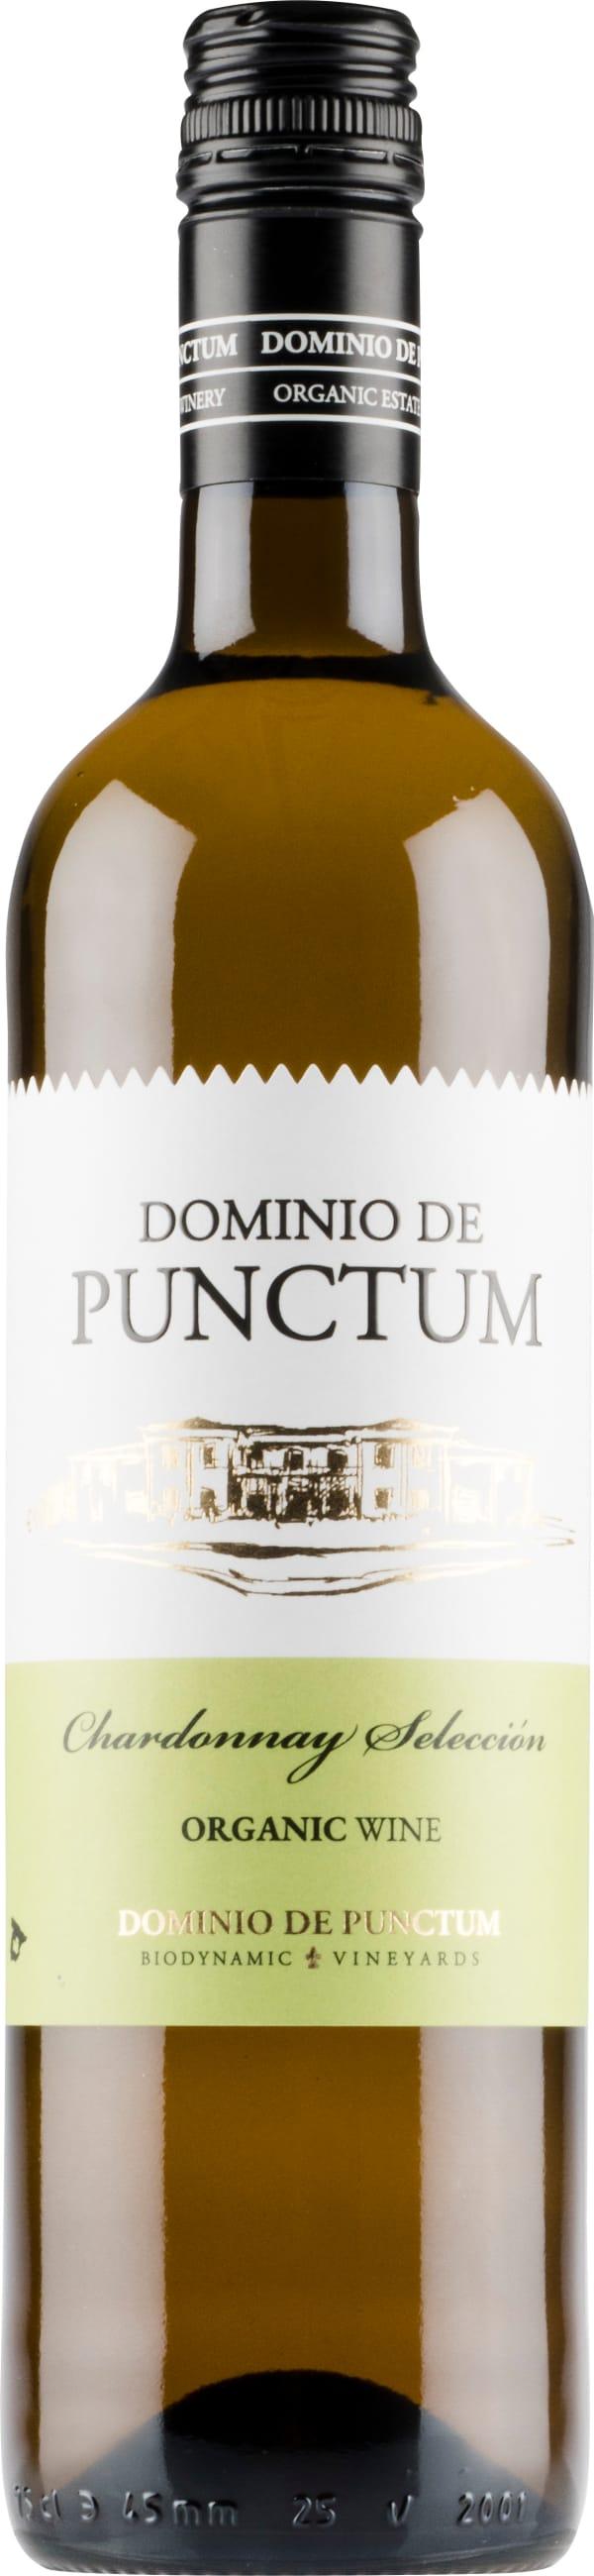 Dominio de Punctum Chardonnay Selección 2019